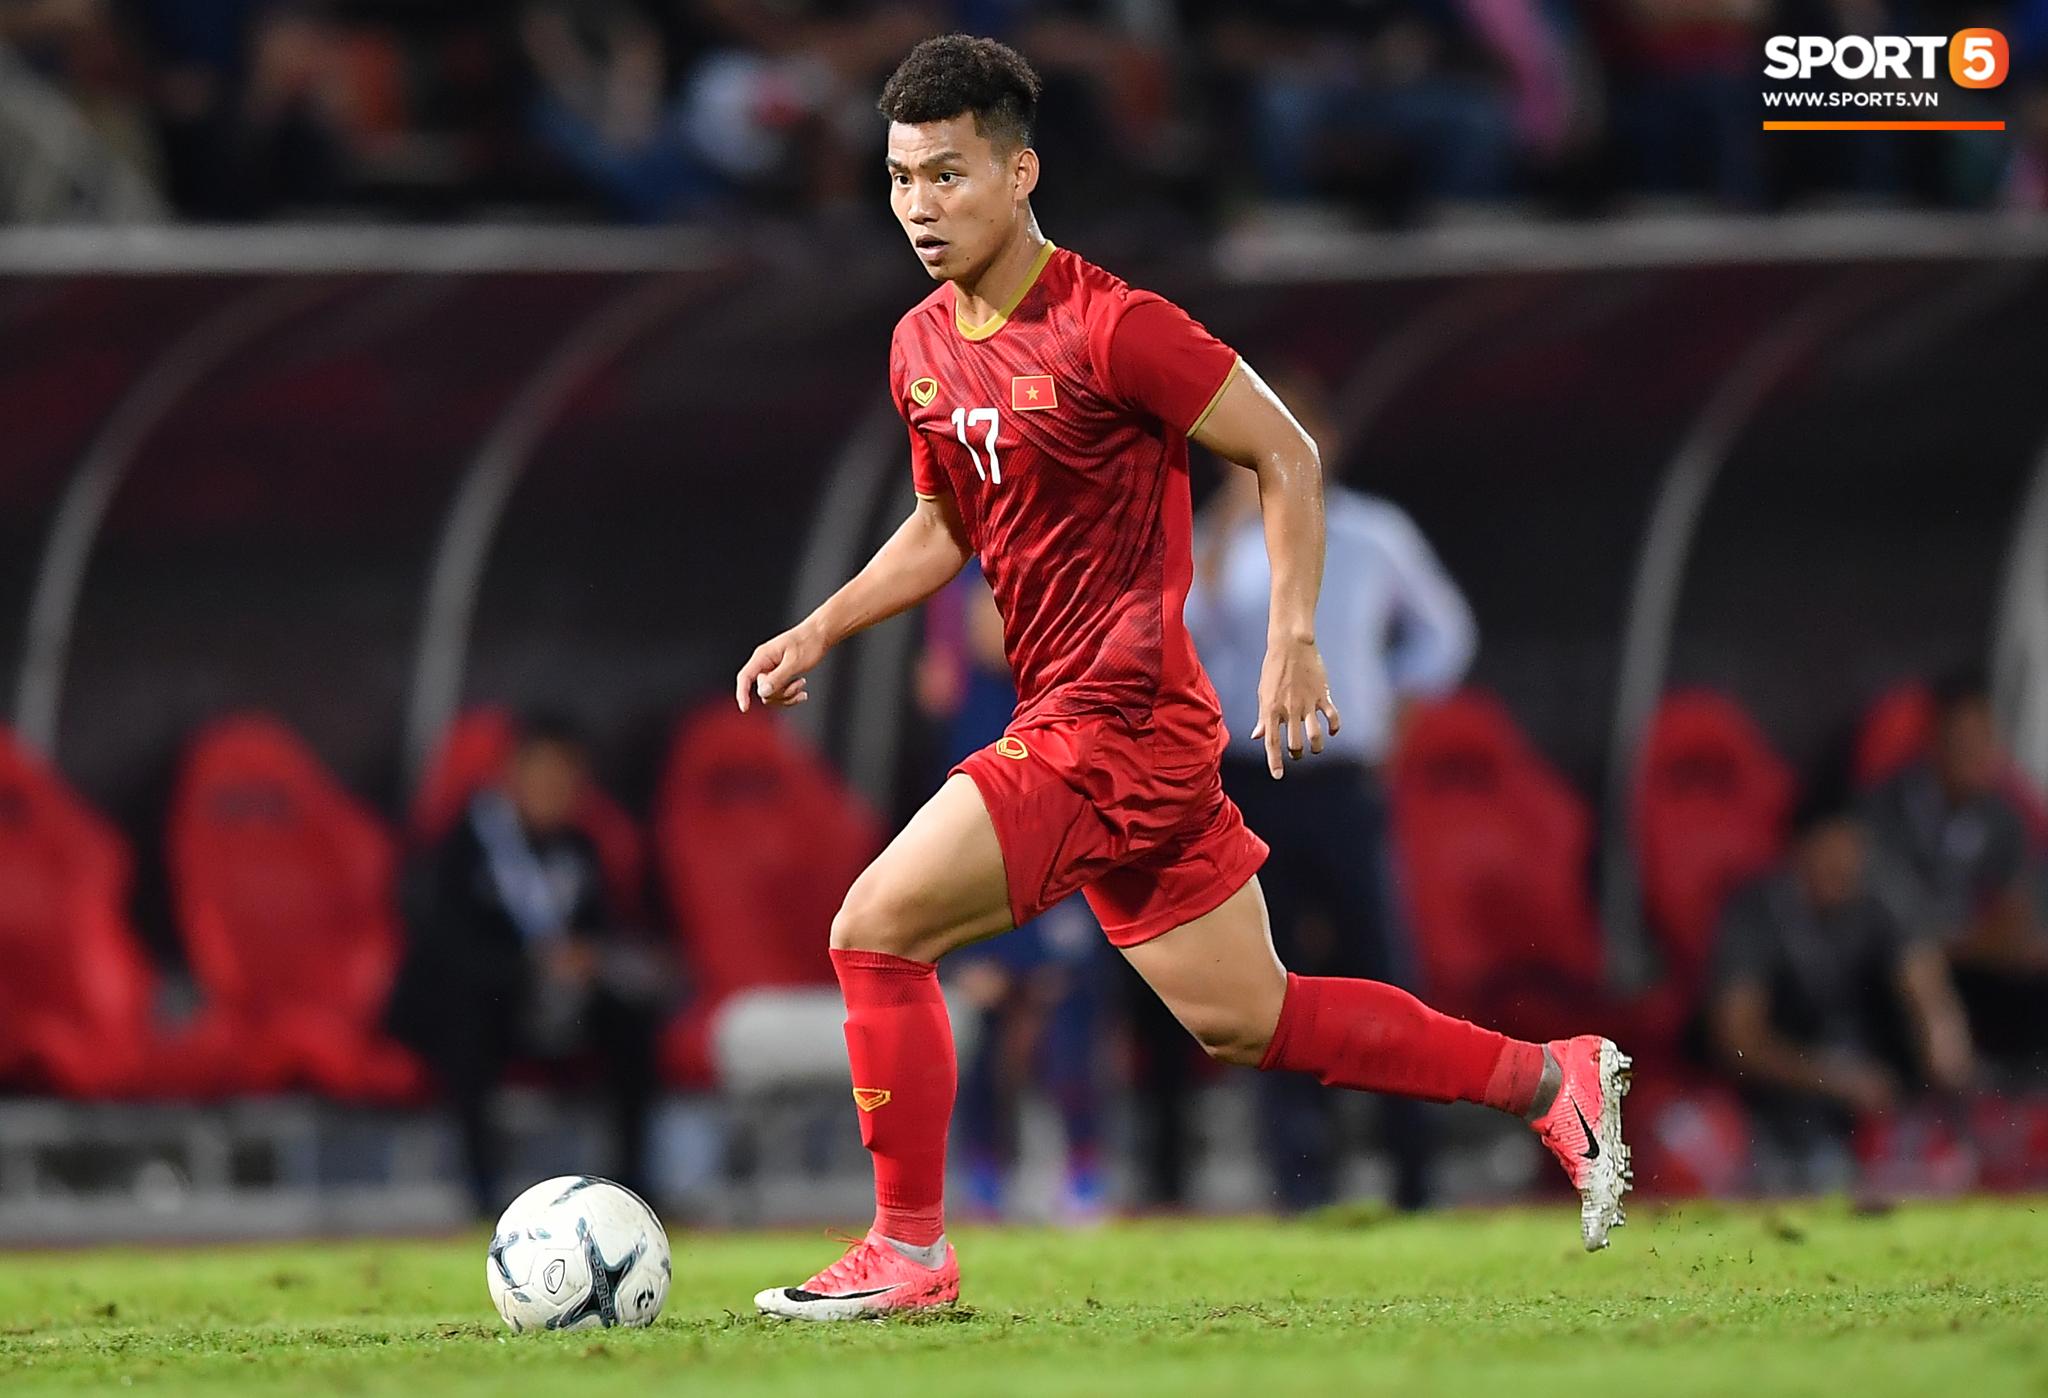 Dàn cầu thủ sinh vào tháng 4 của Việt Nam: Ghép lại sơ sơ cũng được một đội hình rất gì và này nọ-7